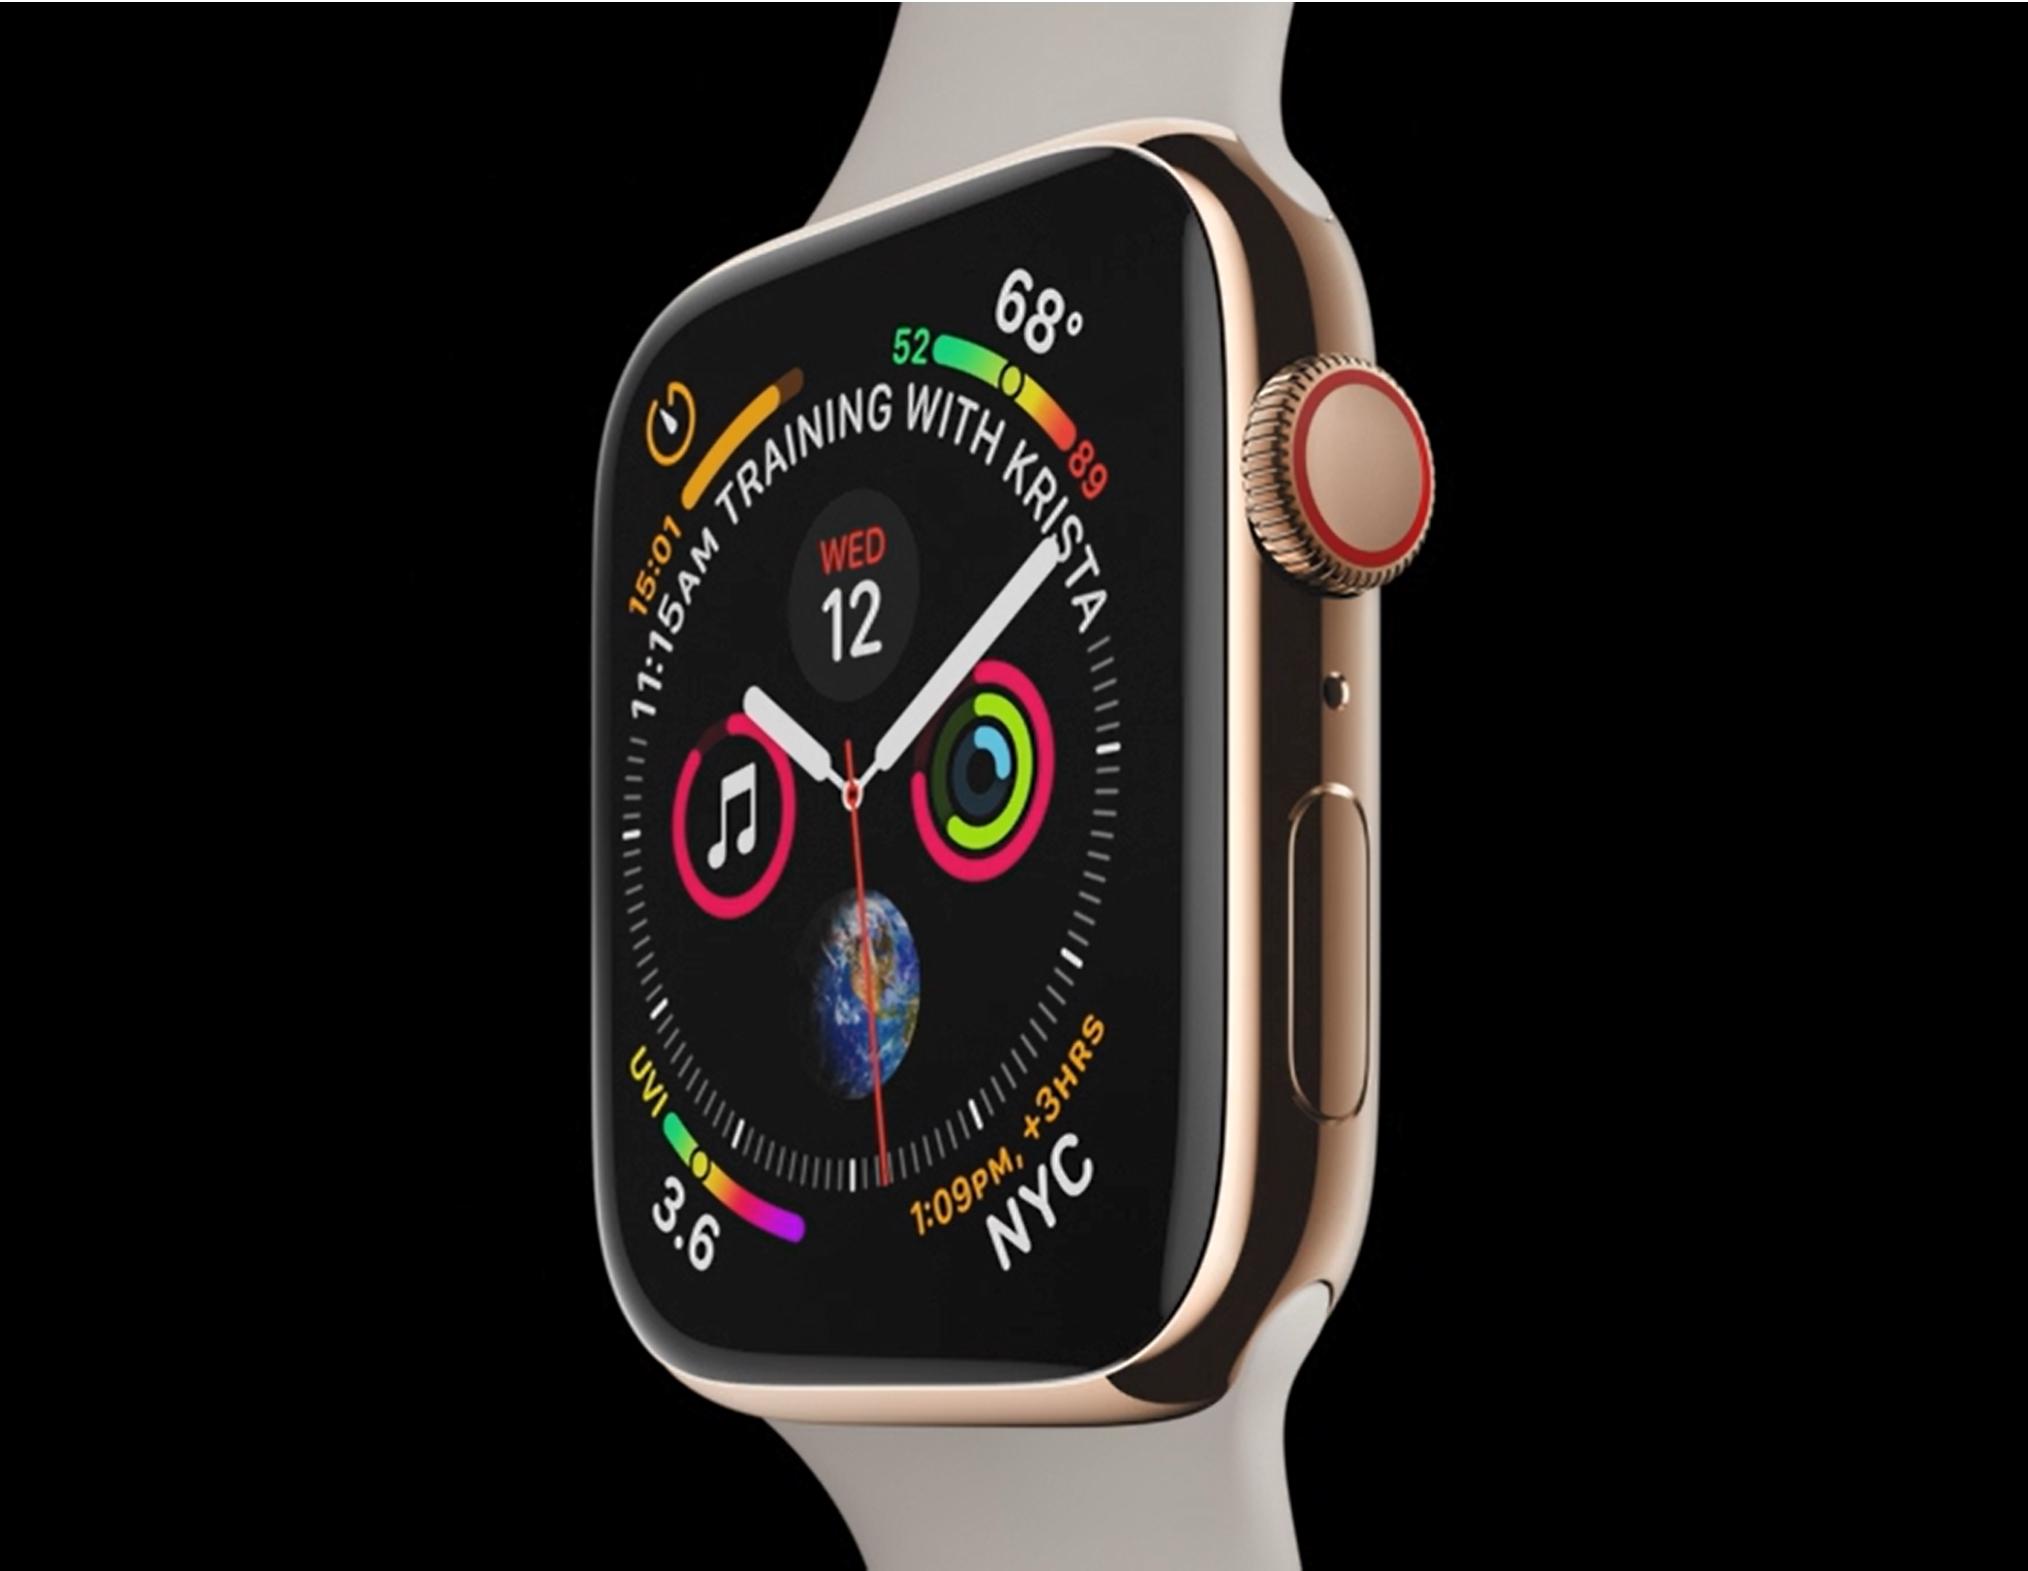 Dette er alt du må vite om Apple Watch Series 4 inkludert norske priser